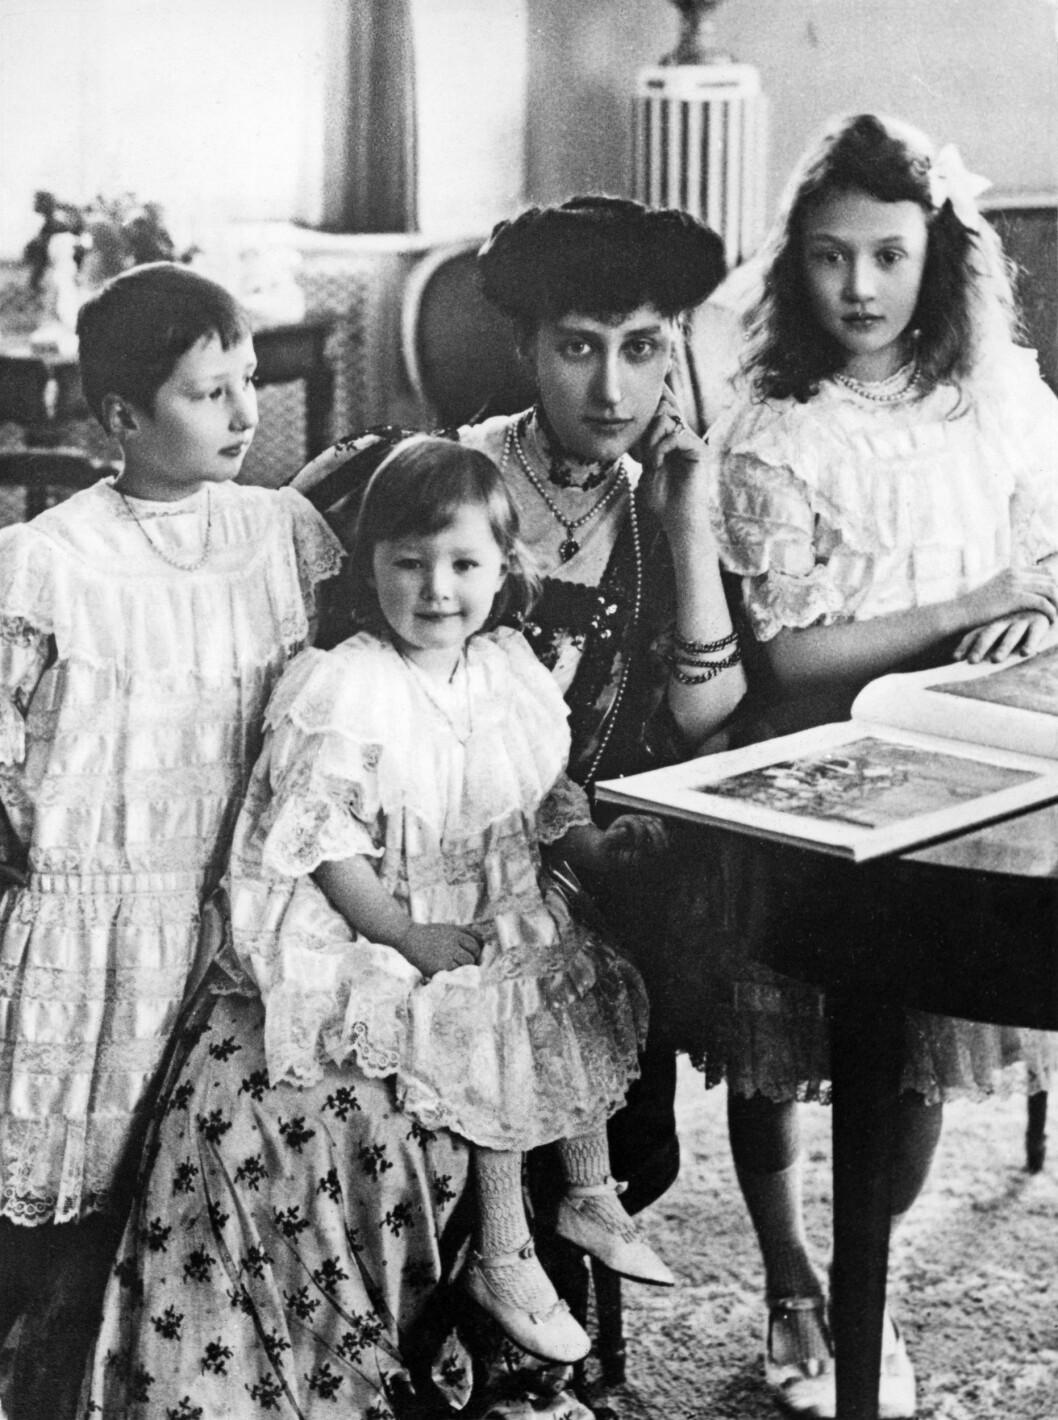 I STOCKHOLM: Prinsesse Märtha ble født i Stockholm i 1901. Hennes foreldre er danske prinsesse Ingeborg (midten bak) og svenske prins Carl. Fra venstre: prinsesse Märtha (senere kronprinsesse av Norge), prinsesse Astrid (senere dronning av Belgia) og prinsesse Margaretha (senere prinsesse av Danmark). Foto: NTB Scanpix